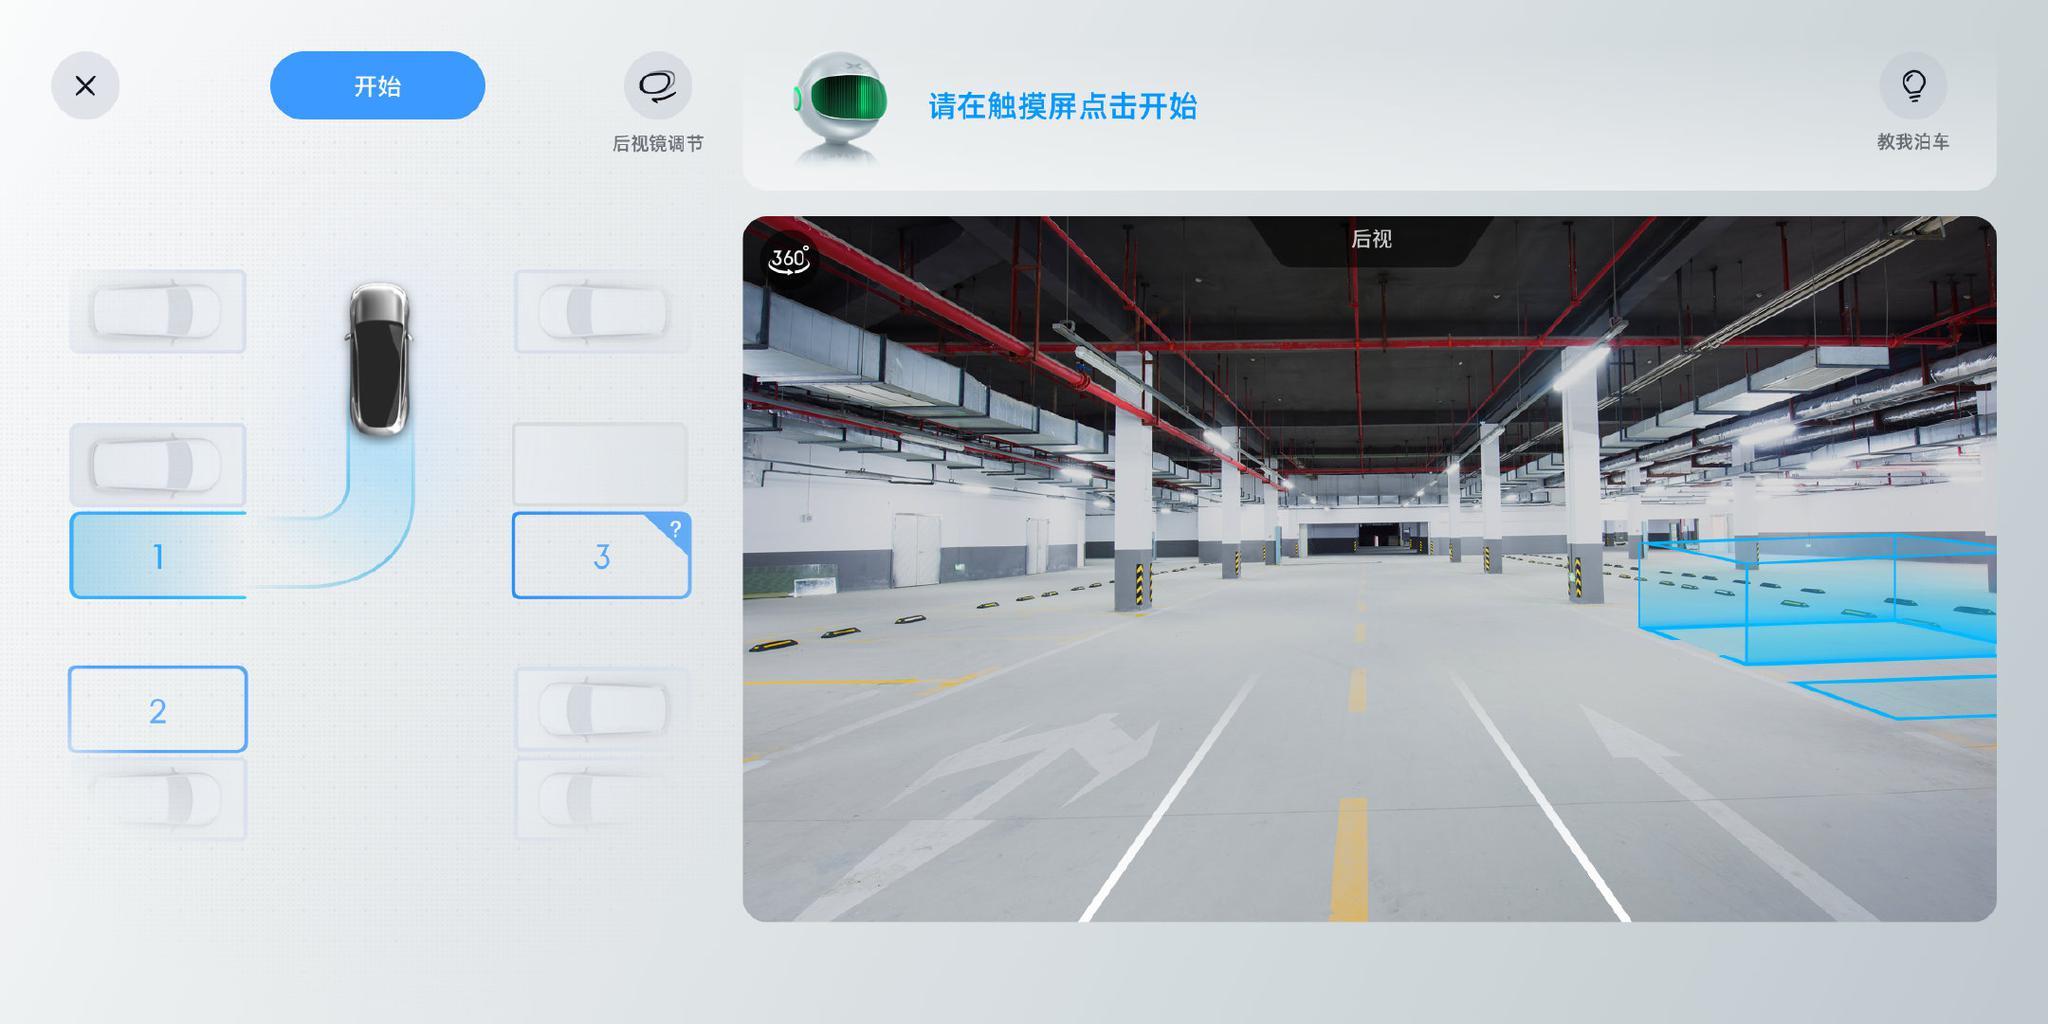 开放自动驾驶辅助!小鹏P7开始推送Xmart OS 2.1.0版本